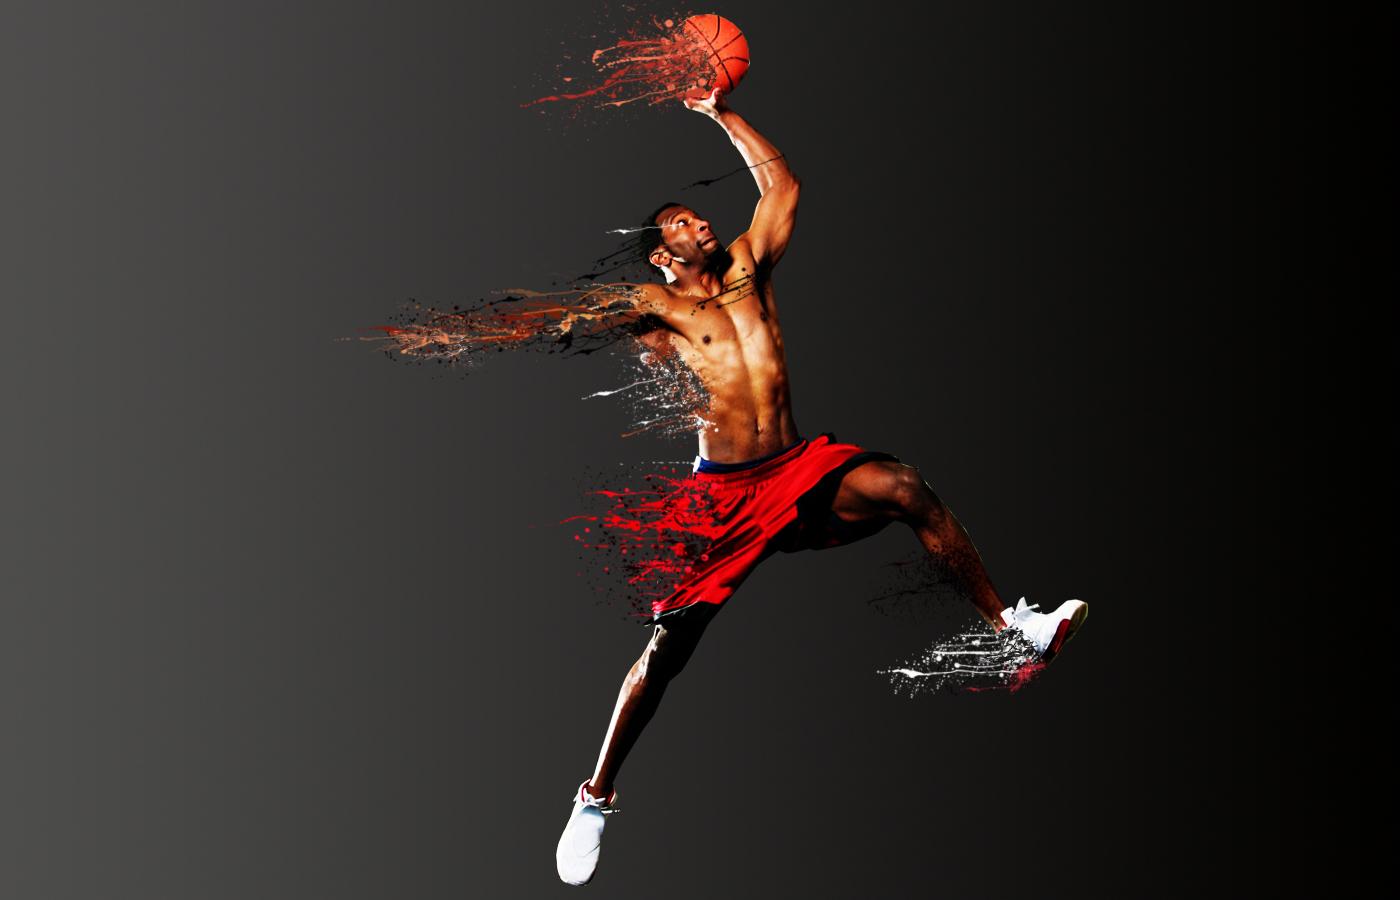 прыжок, фото, баскетбол, обои для рабочего стола